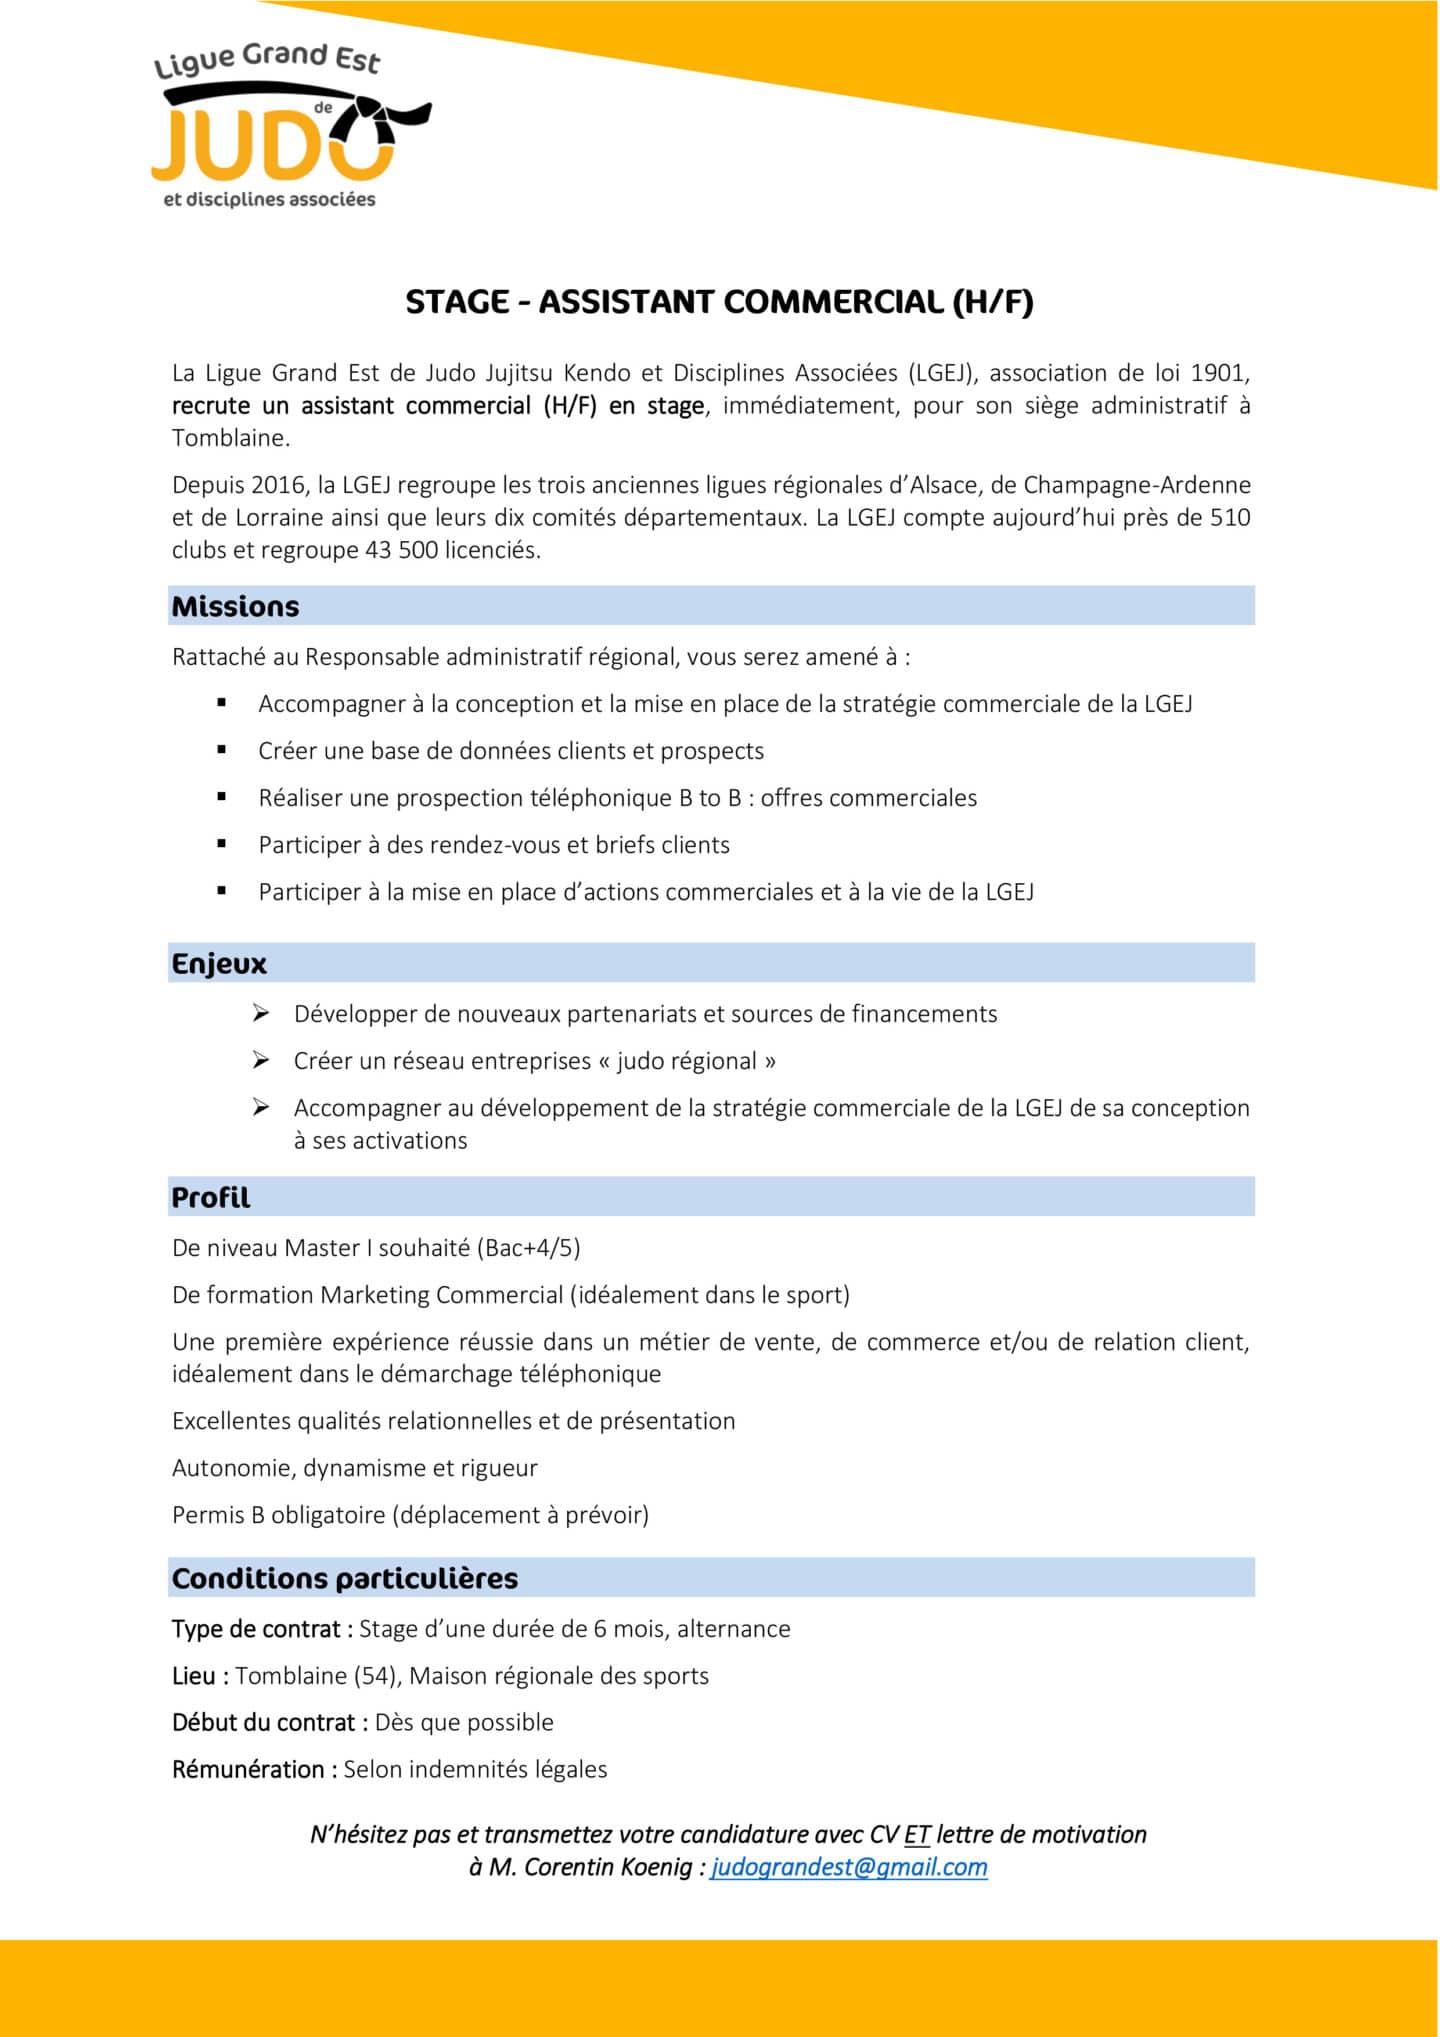 ligue-grand-est-judo-stage-assistant-commercial-2020